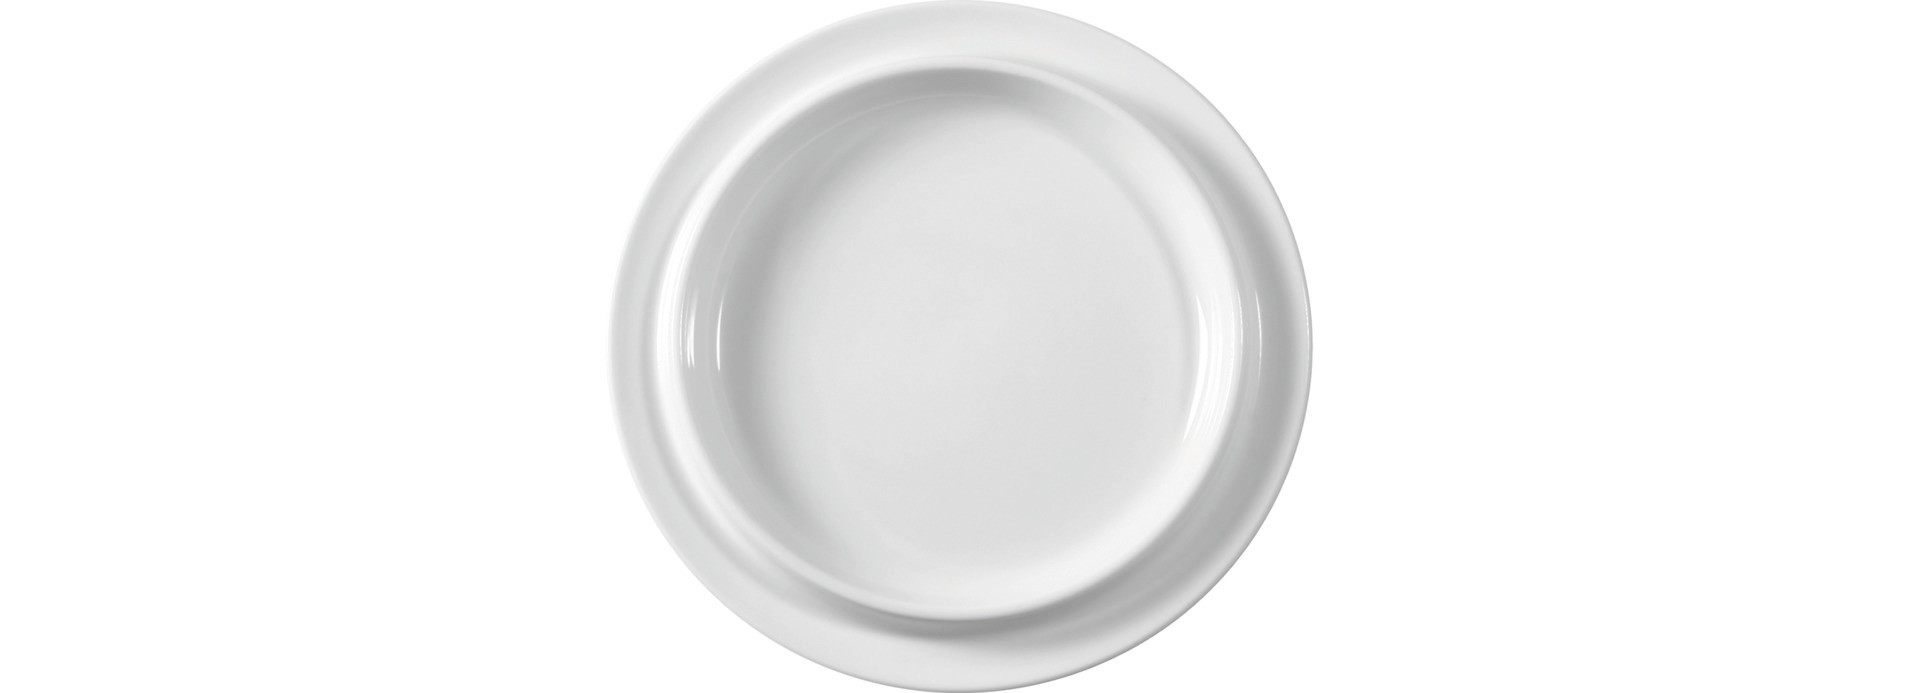 Buffet Gourmet, Platte rund ø 228 mm